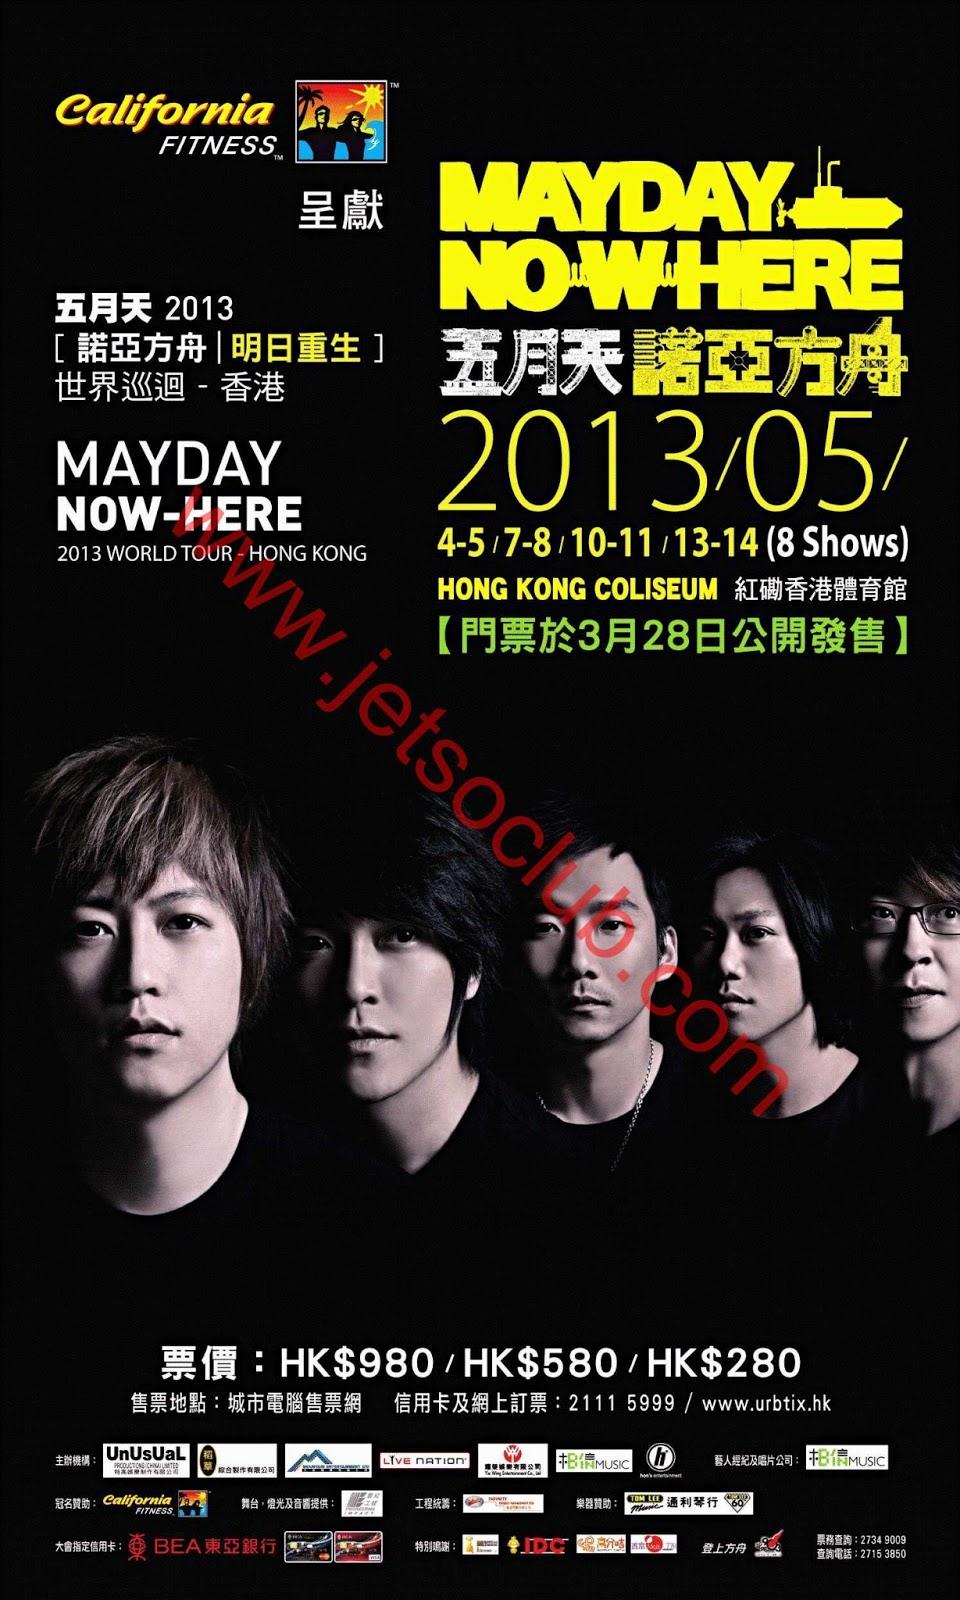 五月天 [諾亞方舟 l 明日重生] 2013世界巡迴演唱會 - 香港」門票公開發售(28/3起) ( Jetso Club 著數俱樂部 )